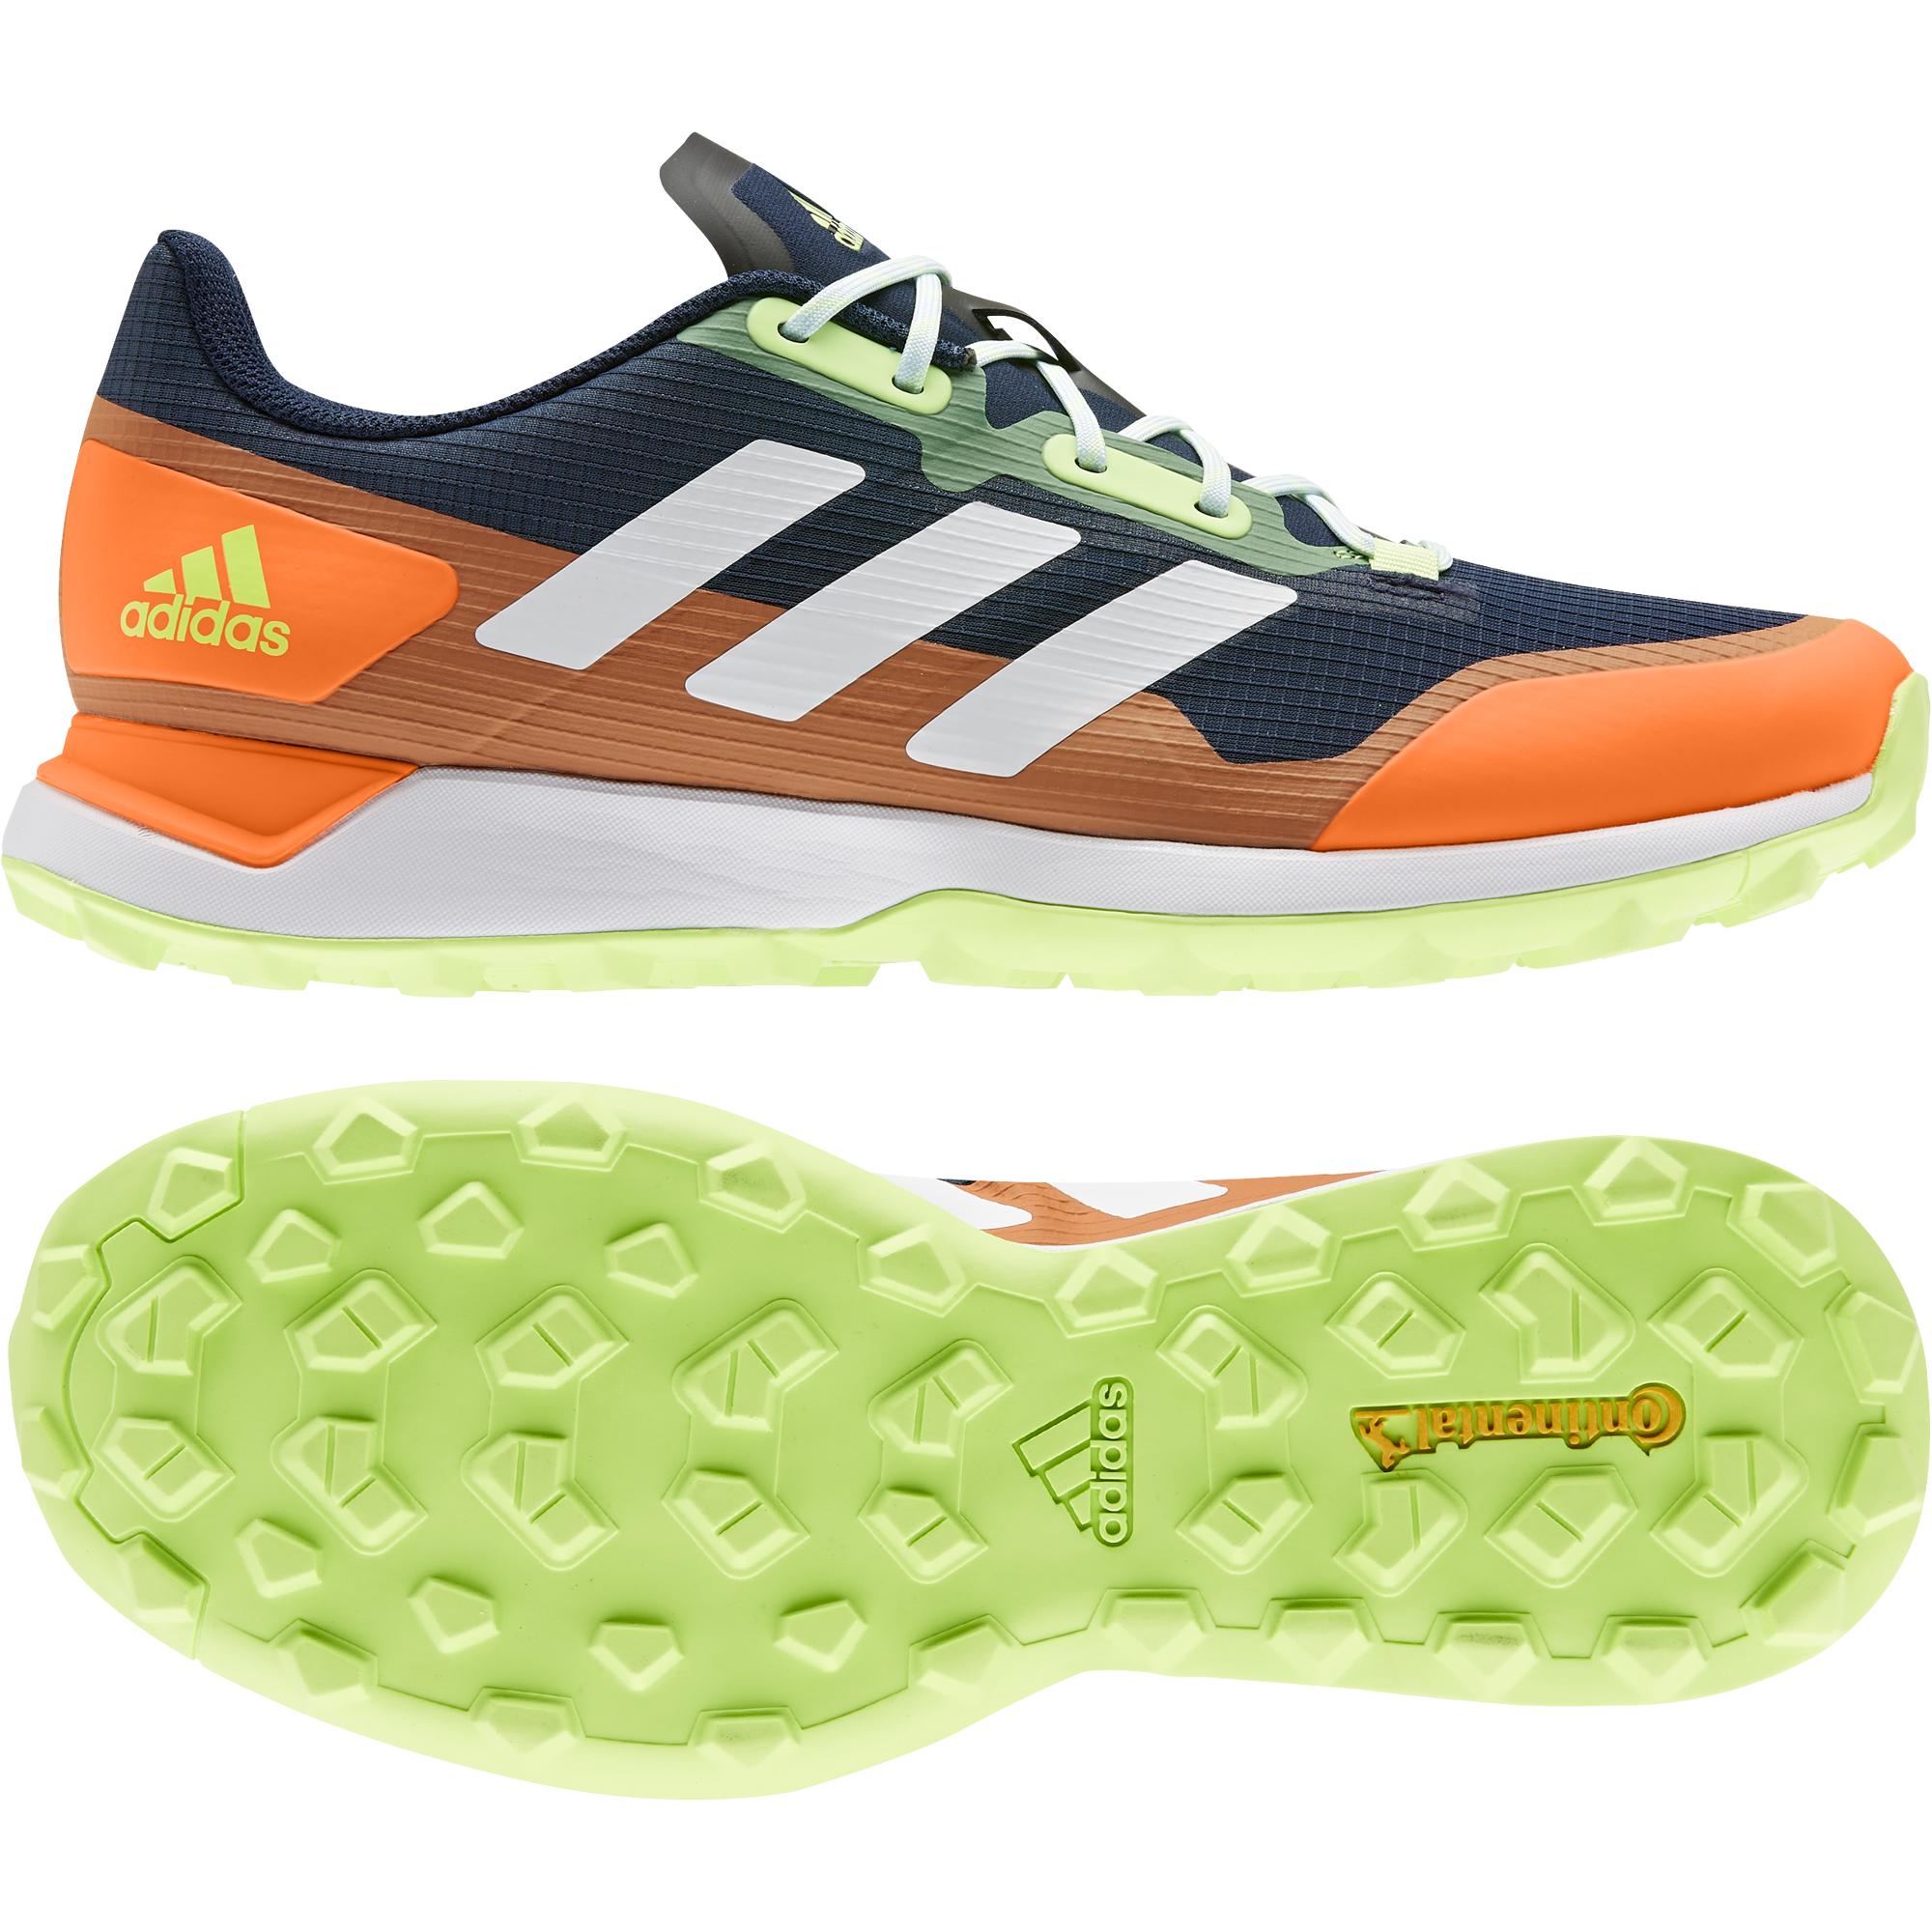 Adidas ZONE DOX 2.0S hockey shoes 20/21 navy